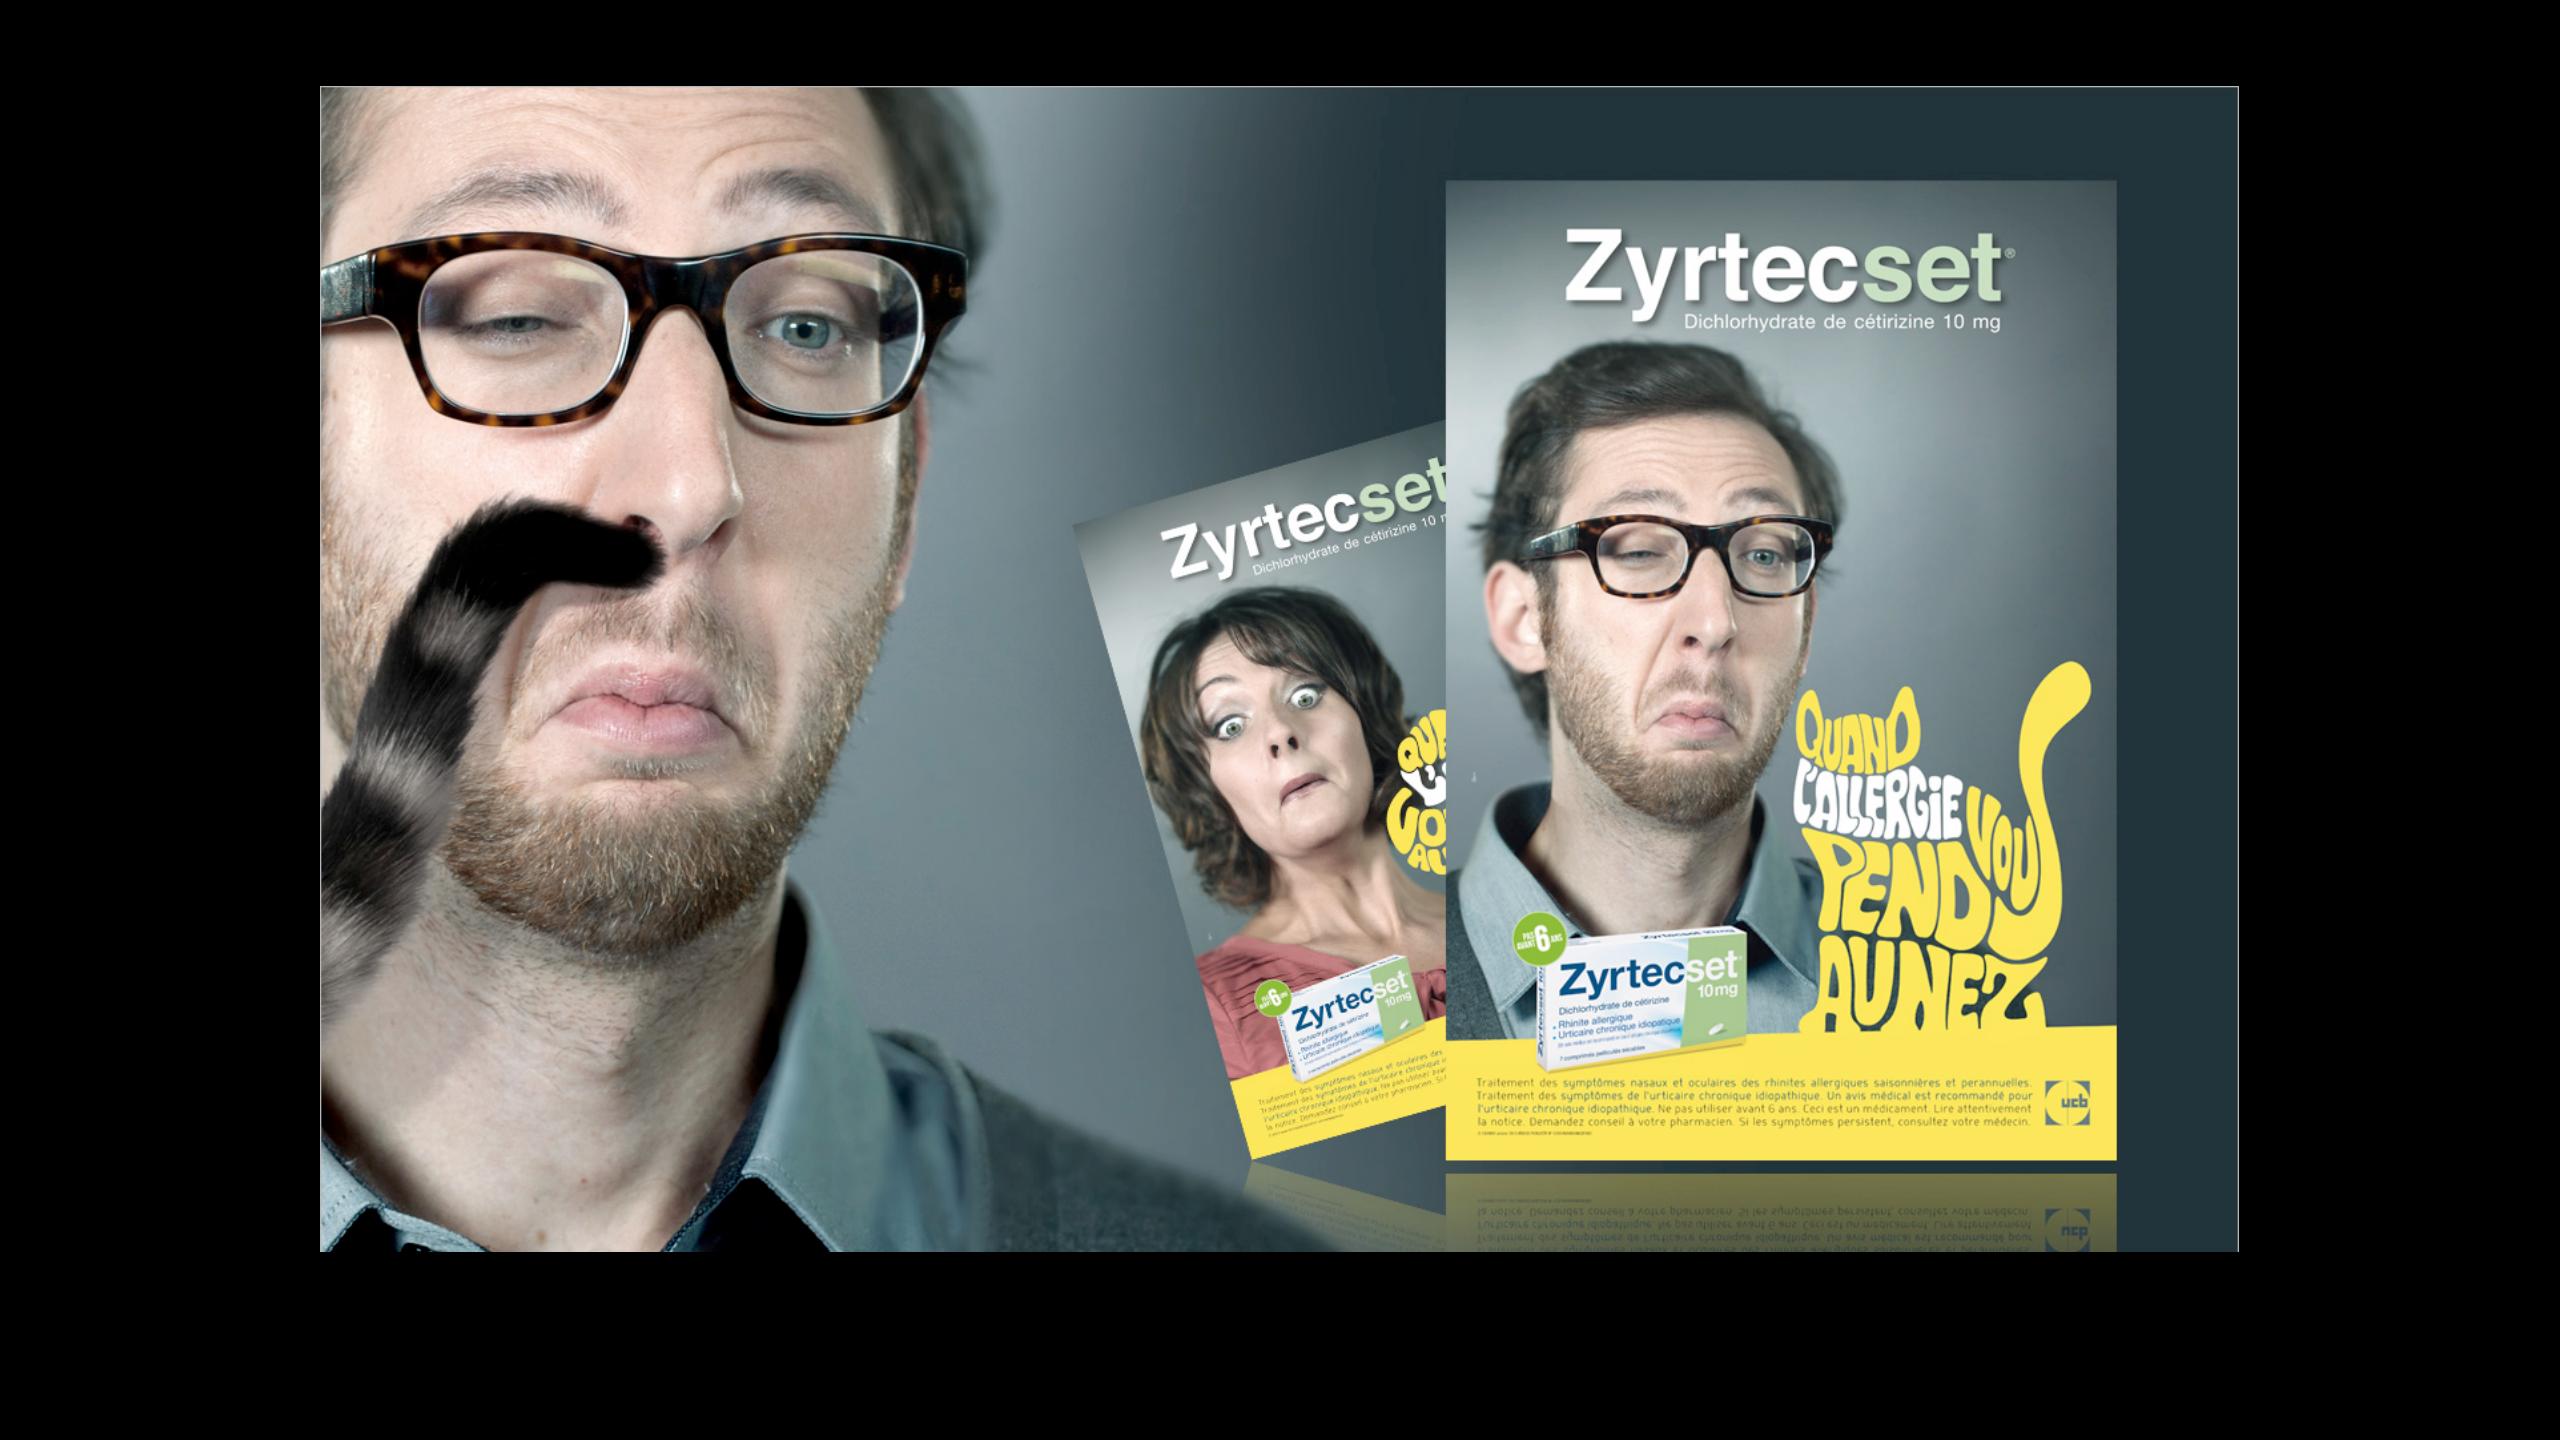 produit OTC Zyrtecset by agency